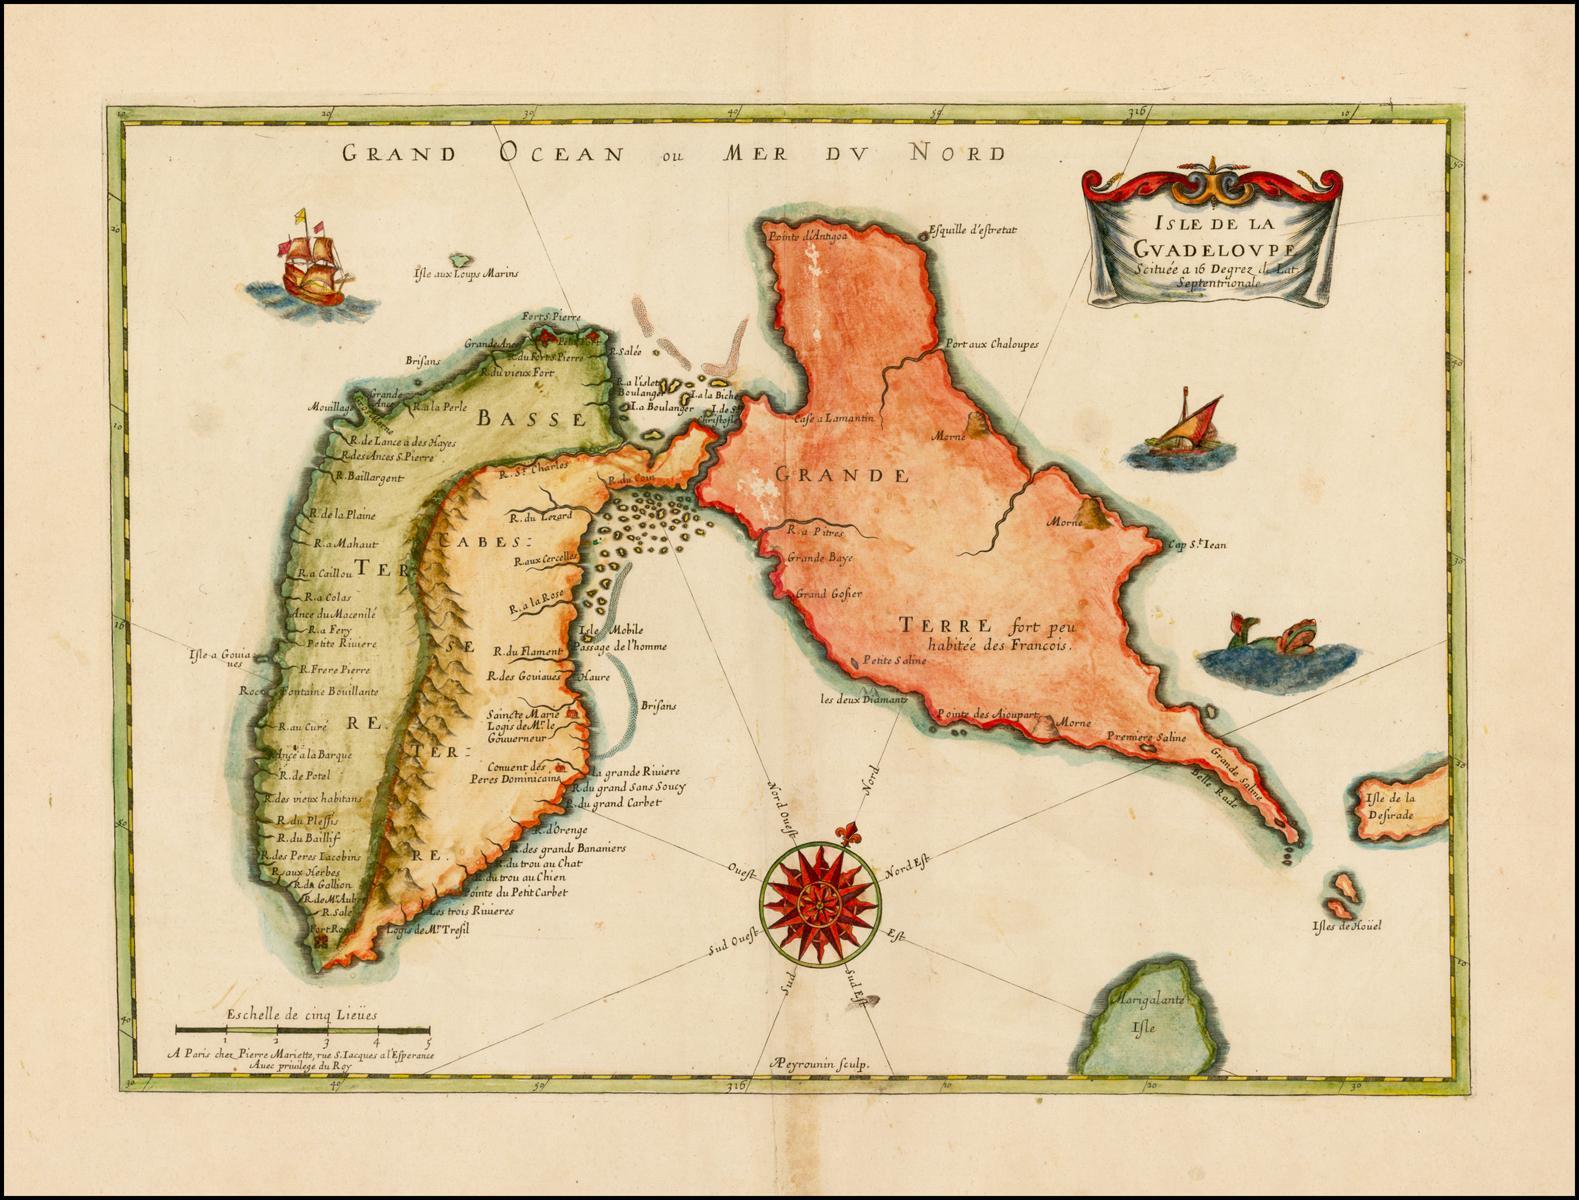 Хороший полноцветный пример первой печатной карты острова Гуадалупа, вскоре после его самого раннего поселения в 1635 году